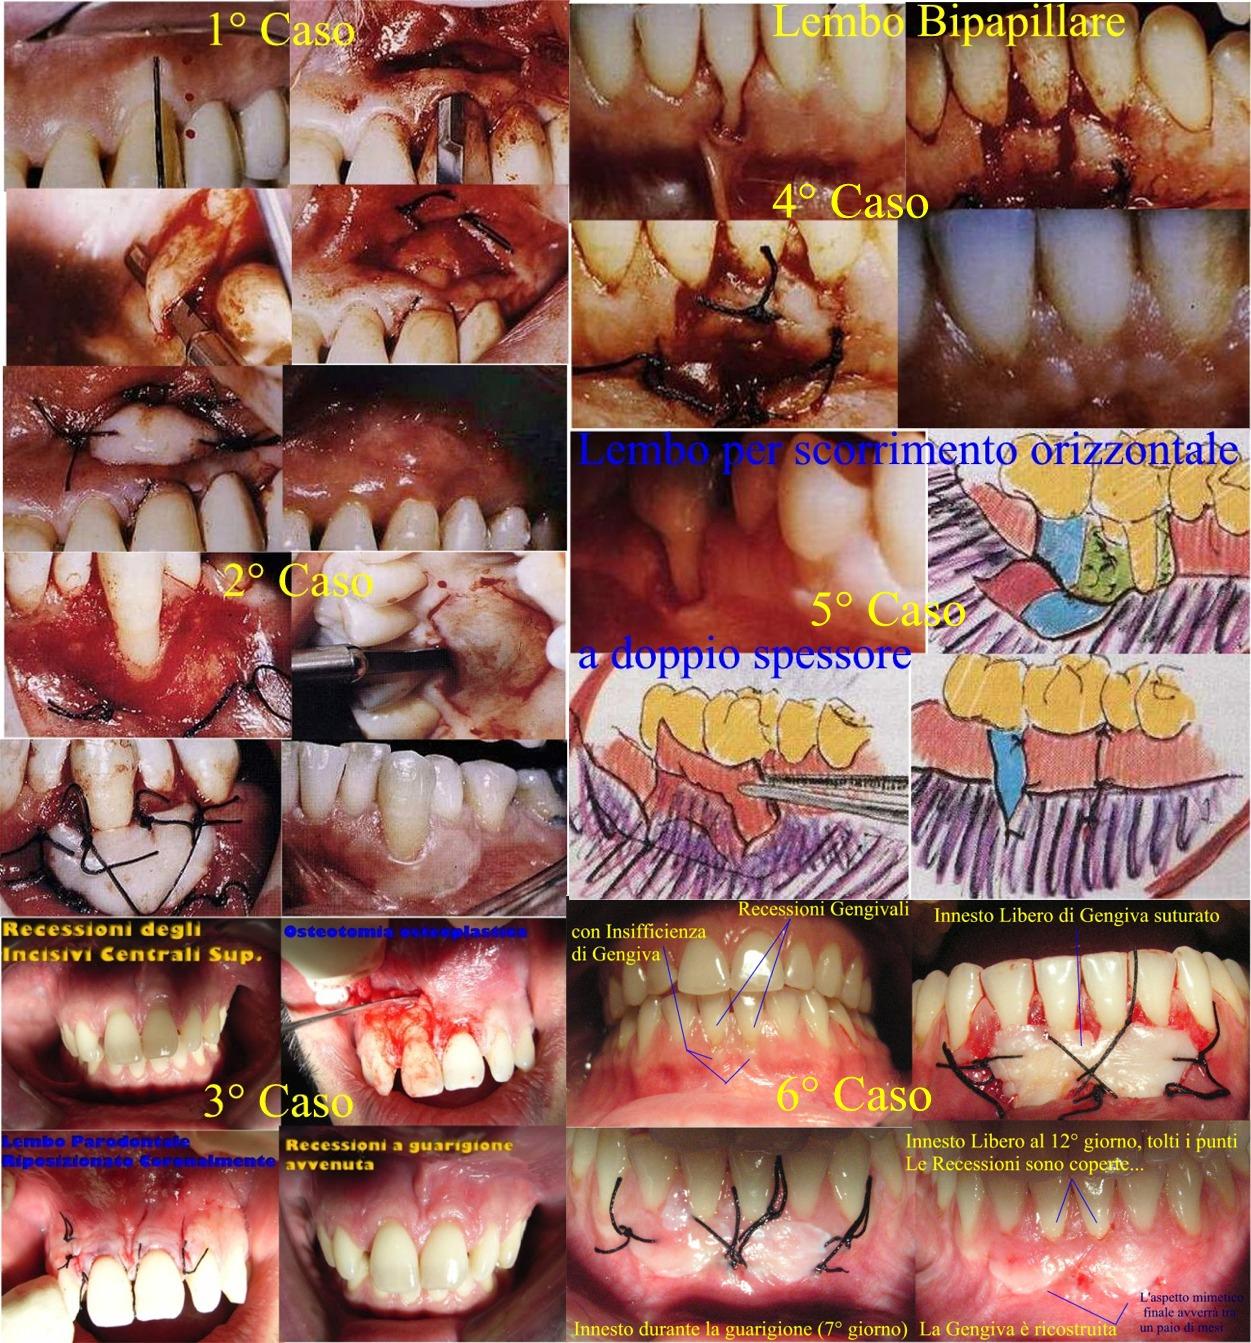 Recessioni Gengivali e Terapie relative di vario tipo di Chirurgia Parodontale Mucogengivale. Da casistica del Dr. Gustavo Petti Parodontologo in Cagliari